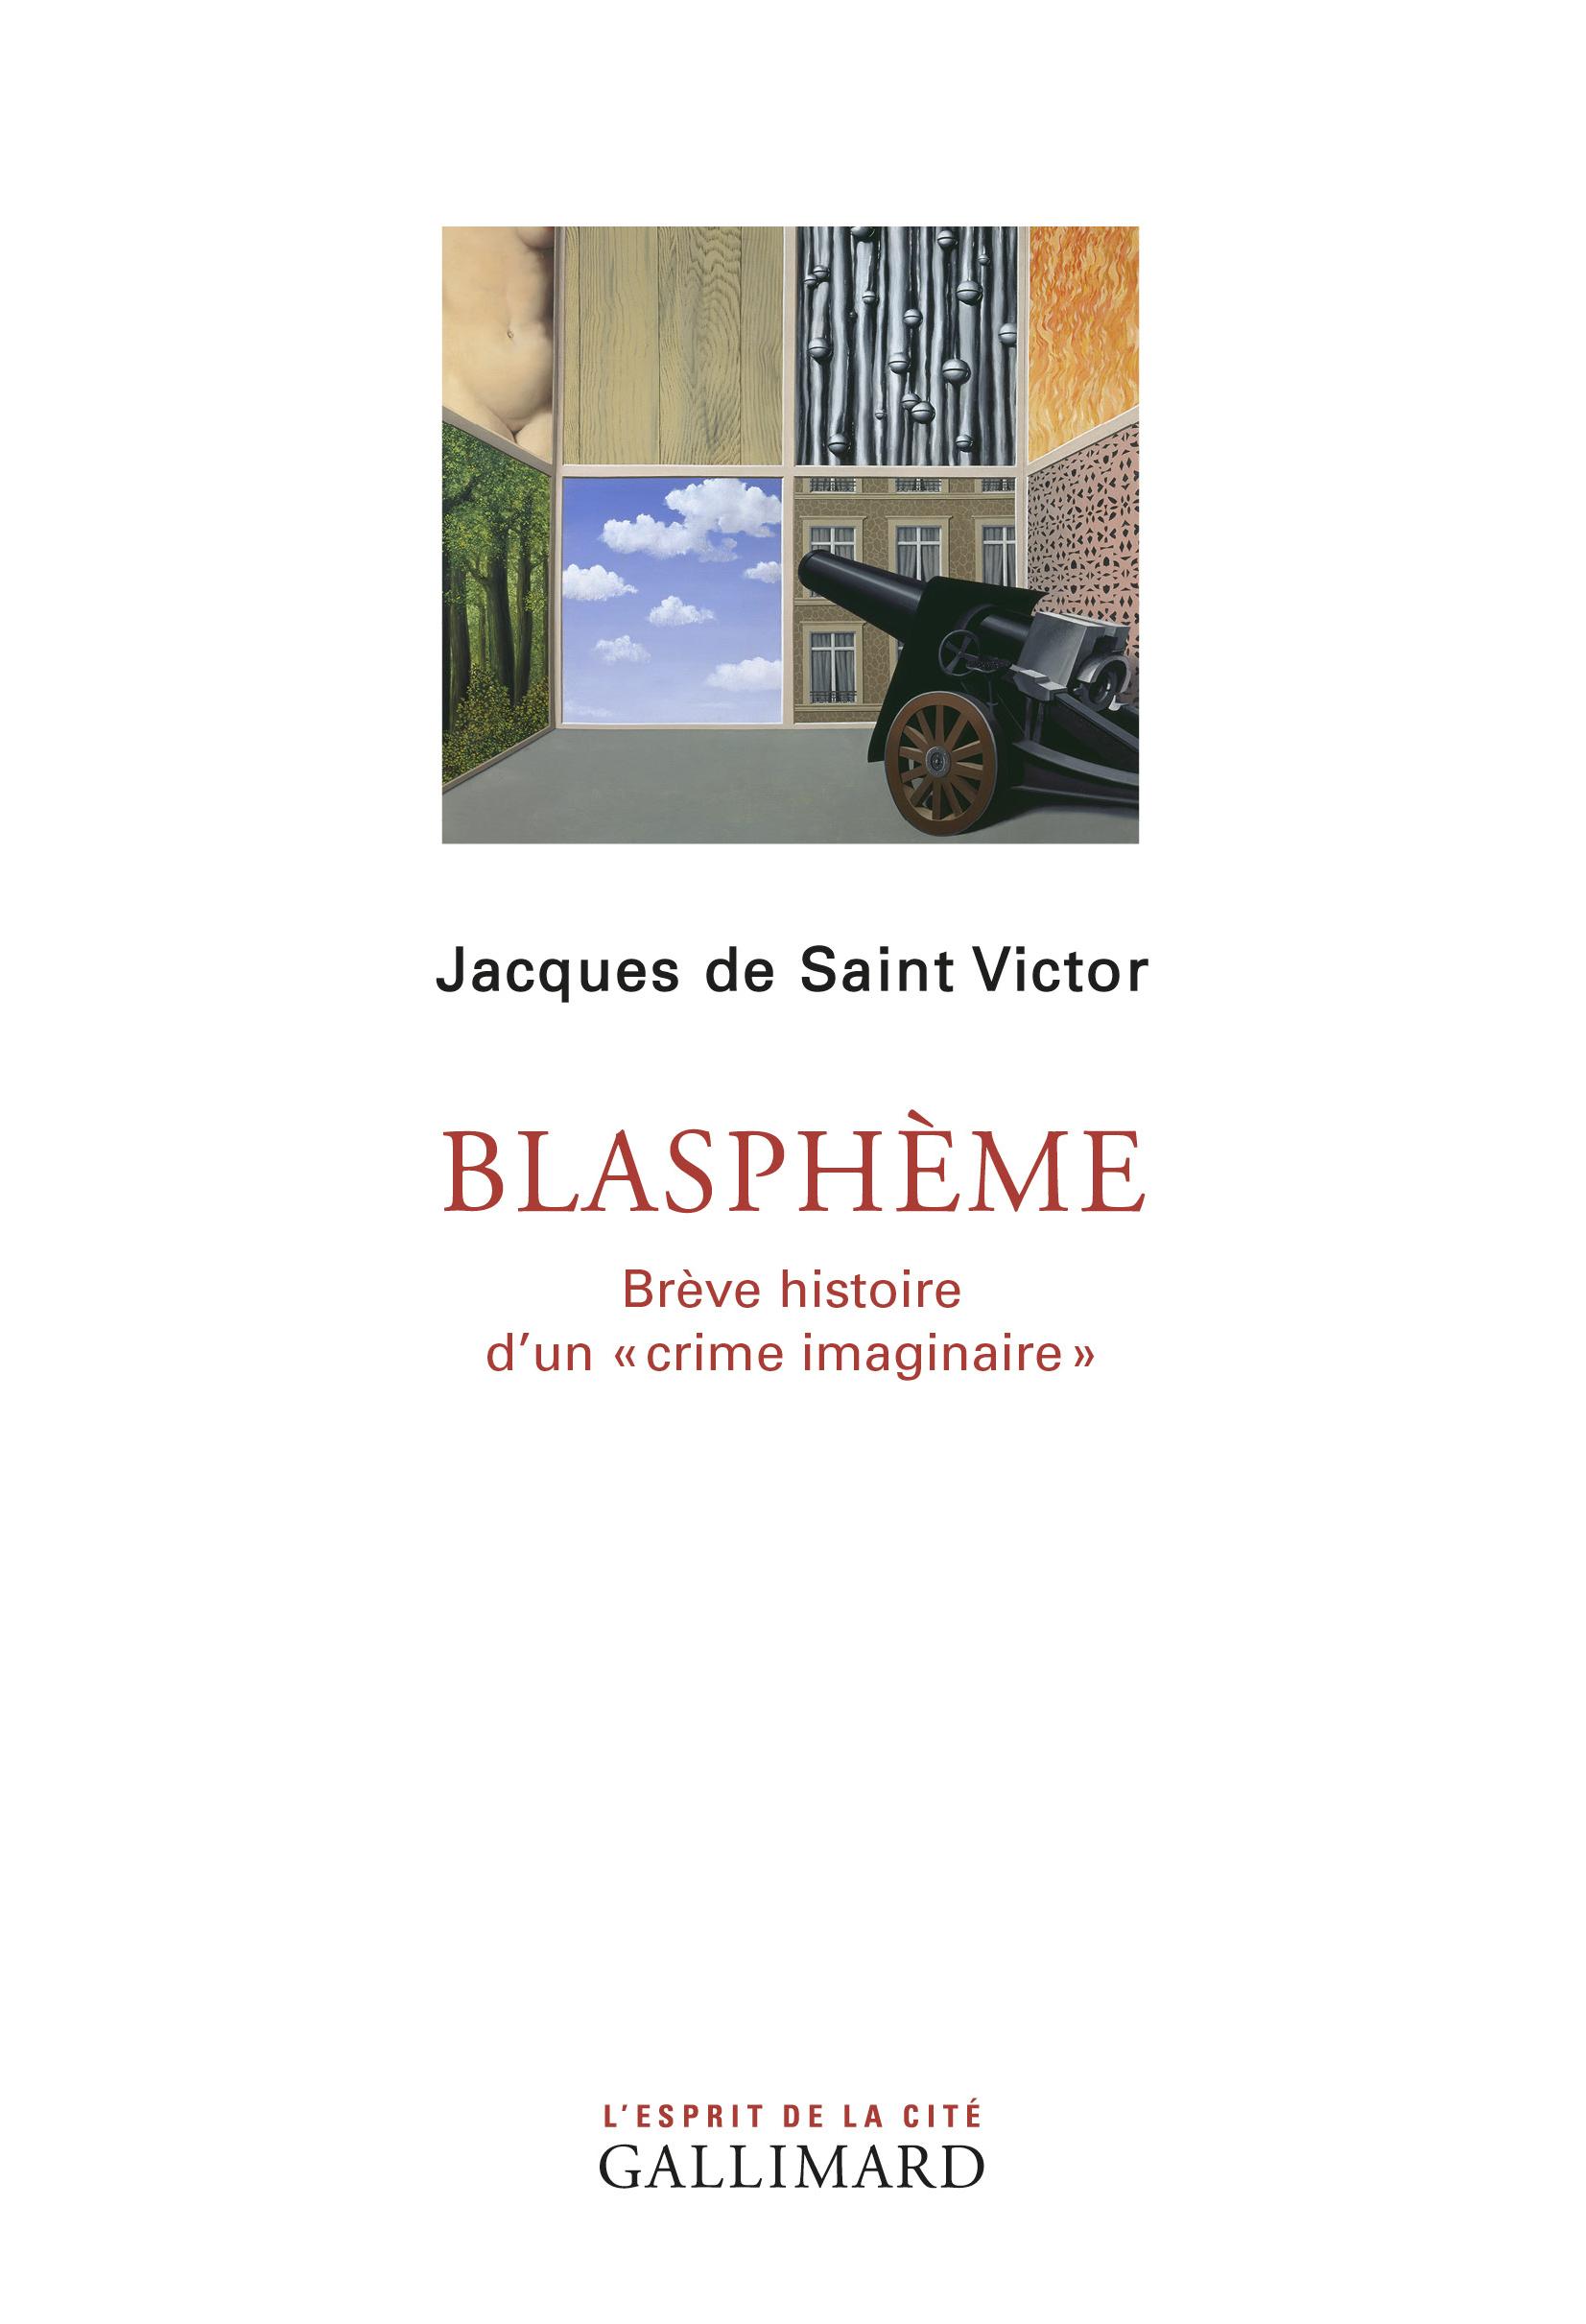 """Blasphème. Brève histoire d'un """"crime imaginaire"""""""